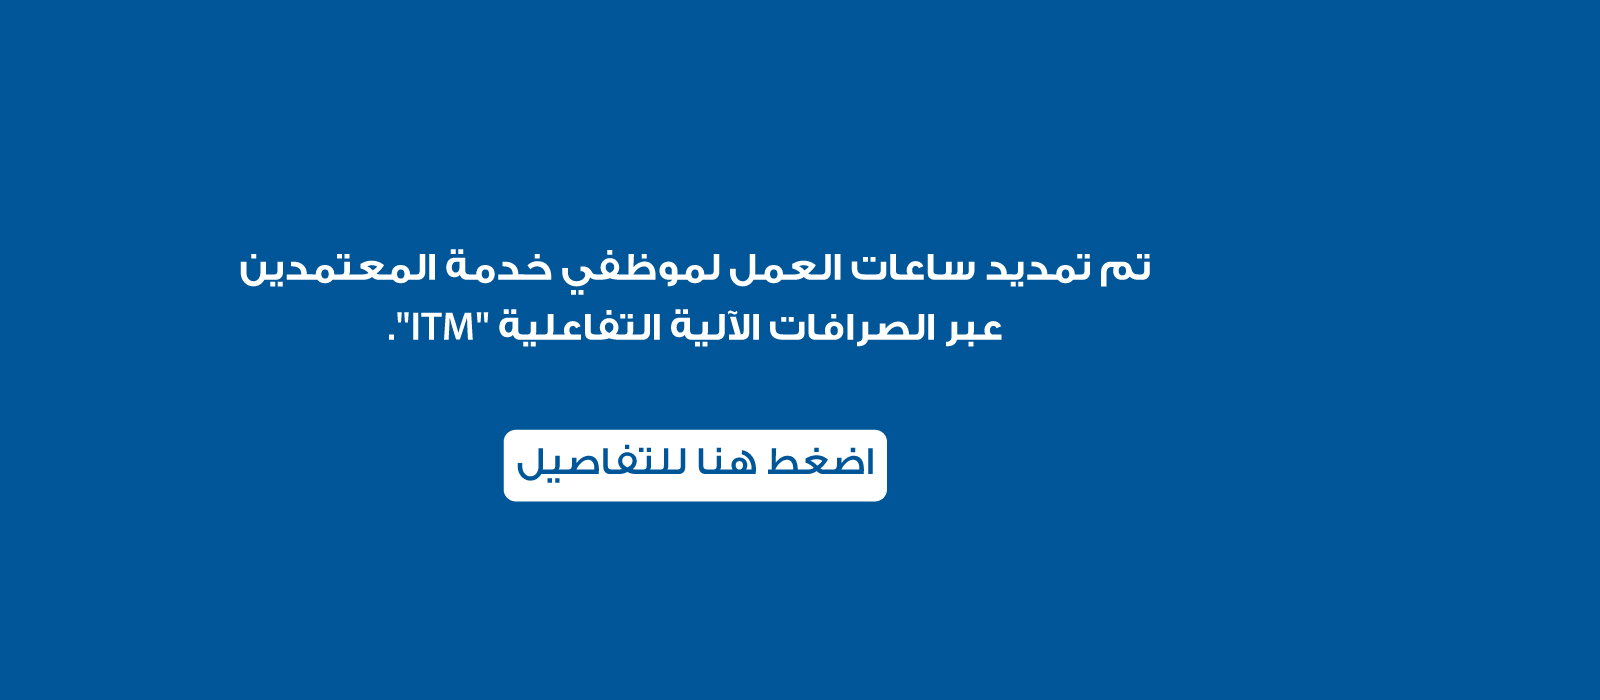 Website-Banner-1600x700-Jordan-amend1-ar